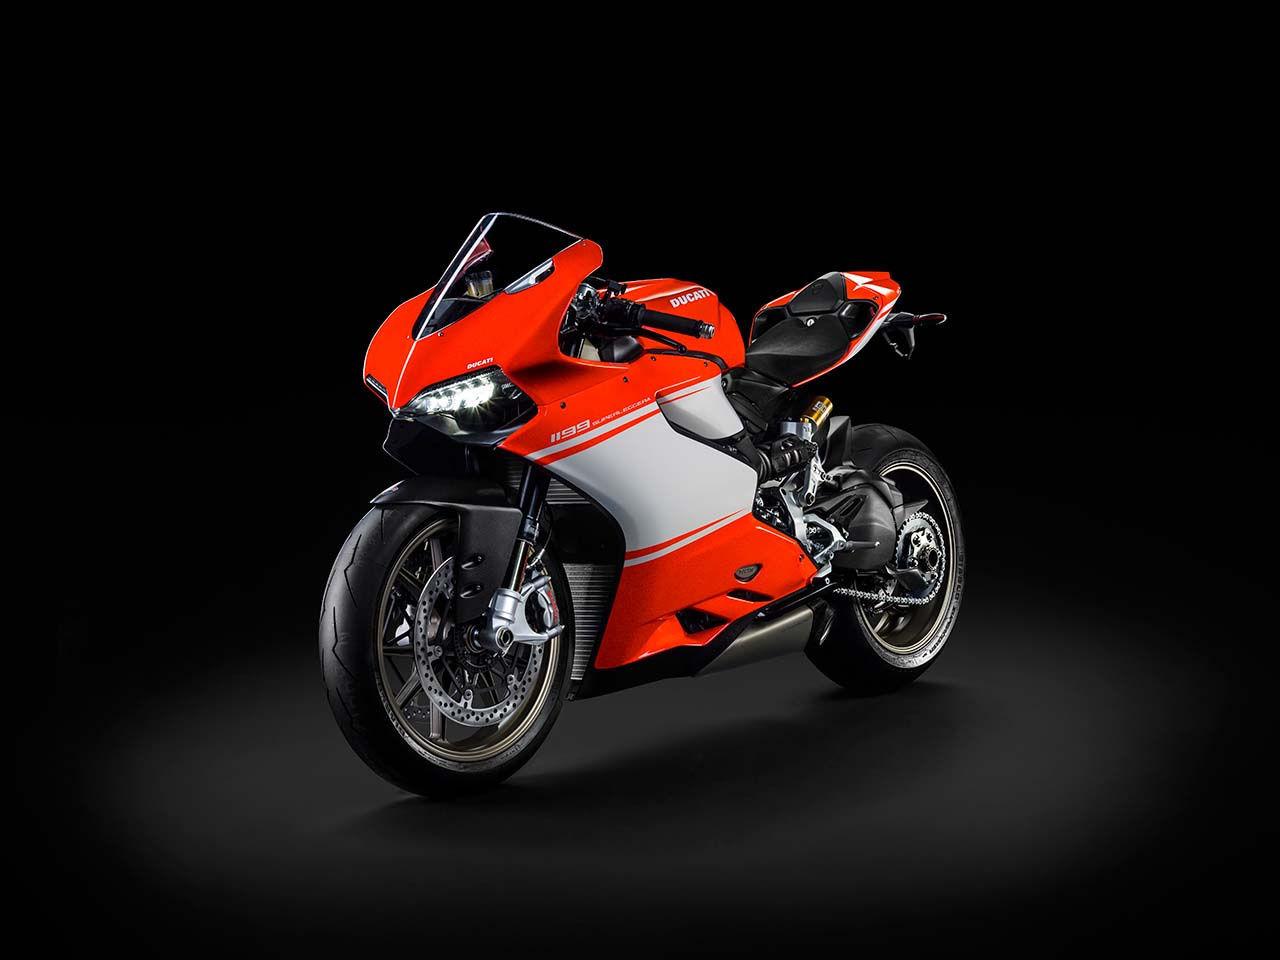 2014 Ducati  | Ducati Superleggera - Front Angle Shot